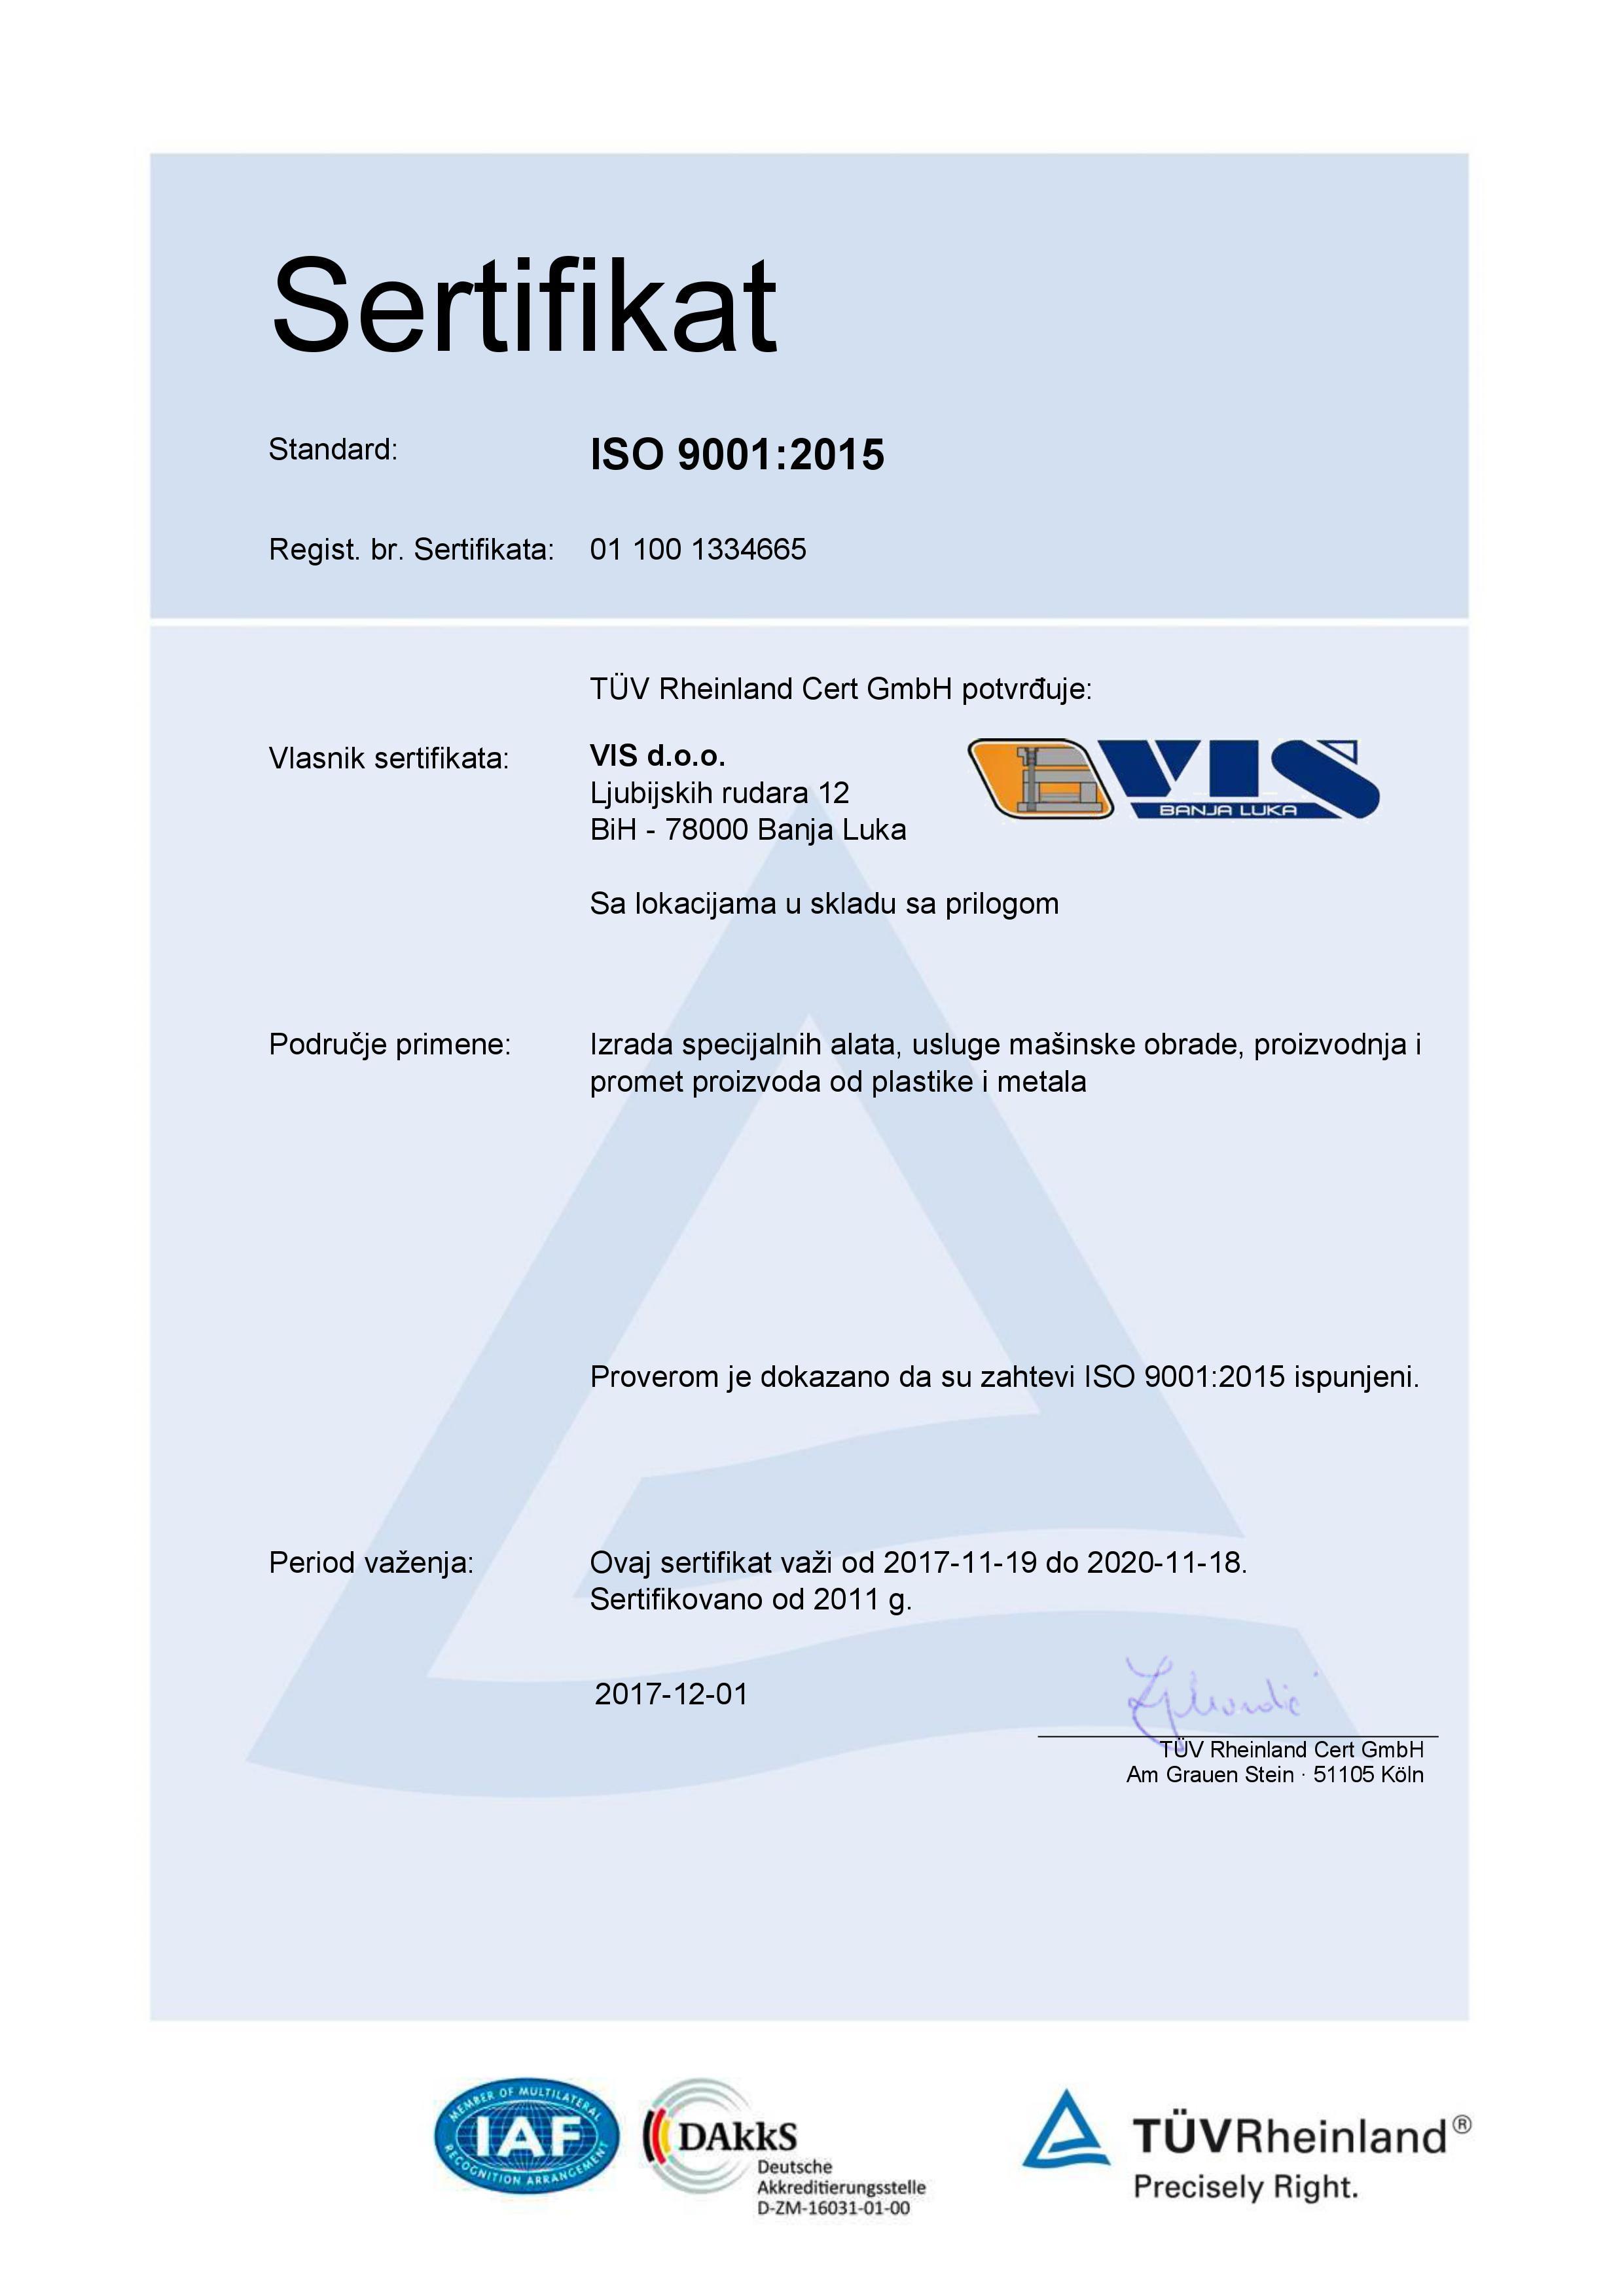 VIS_2017 RA Main_Certificate_sr